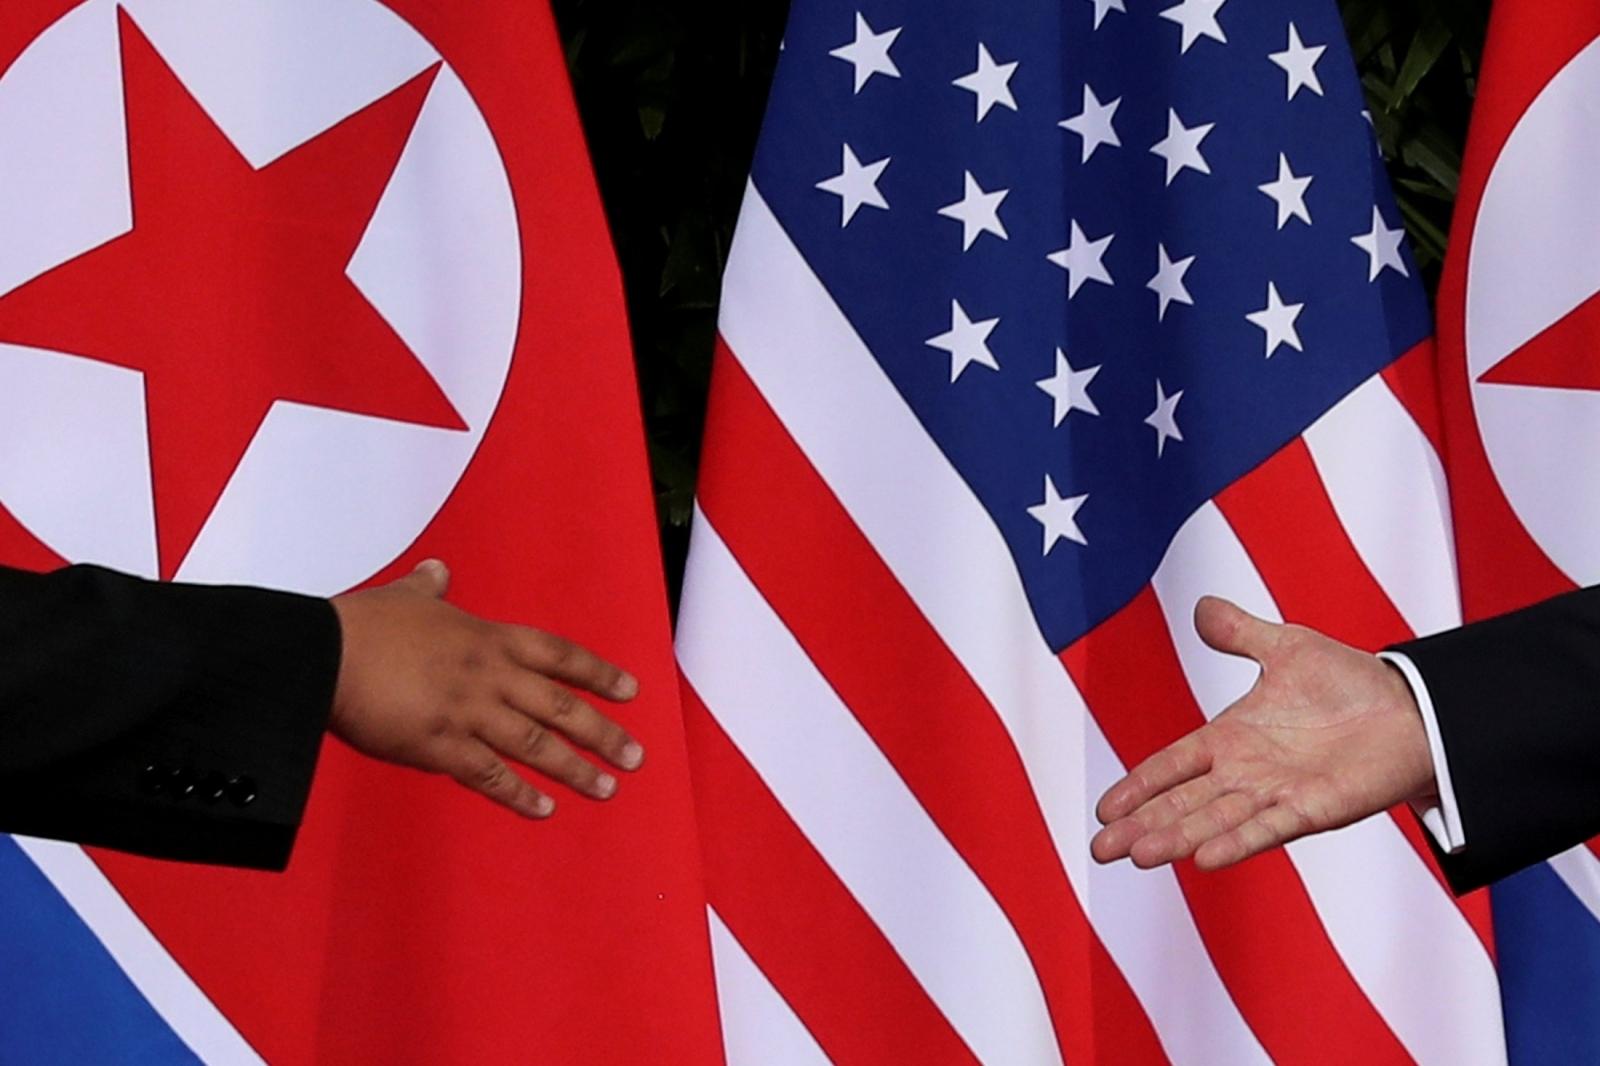 Idući sastanak Trumpa i Kim Jong Una vjerojatno početkom iduće godine